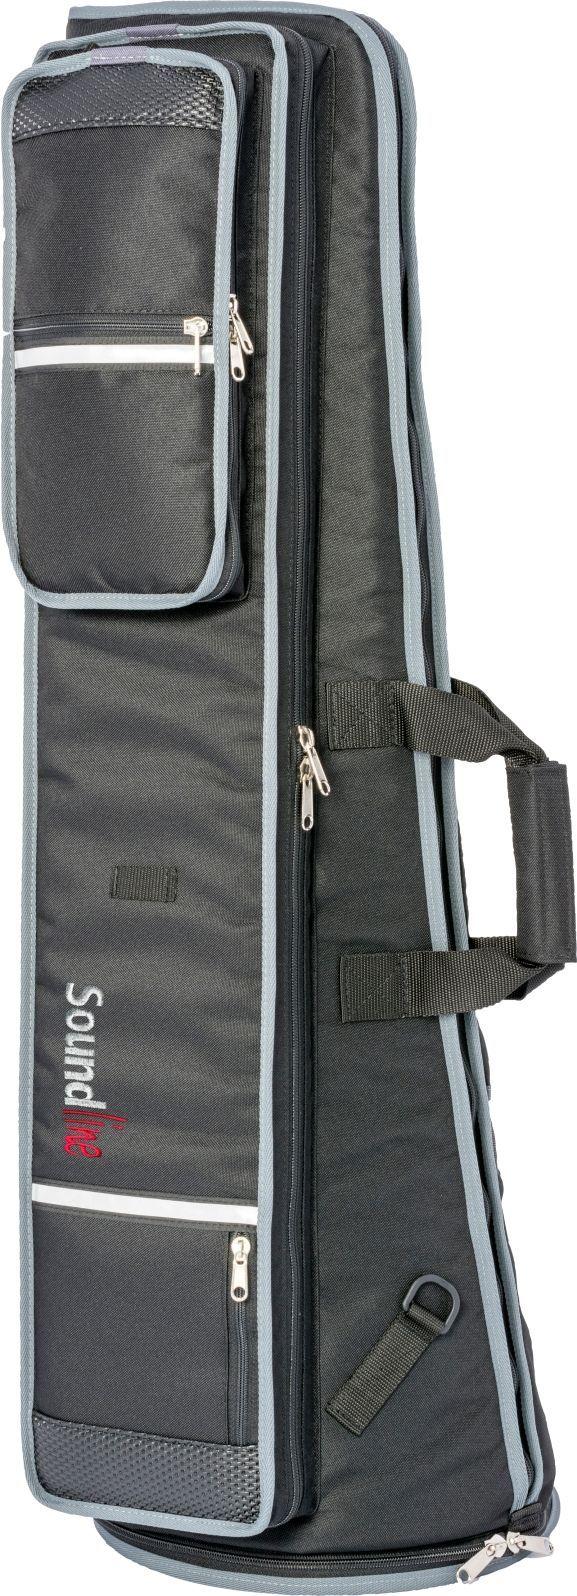 Soundline Gigbag Posaune Bassposaune (bis 27cm Schallstück) , 20mm Polsterung